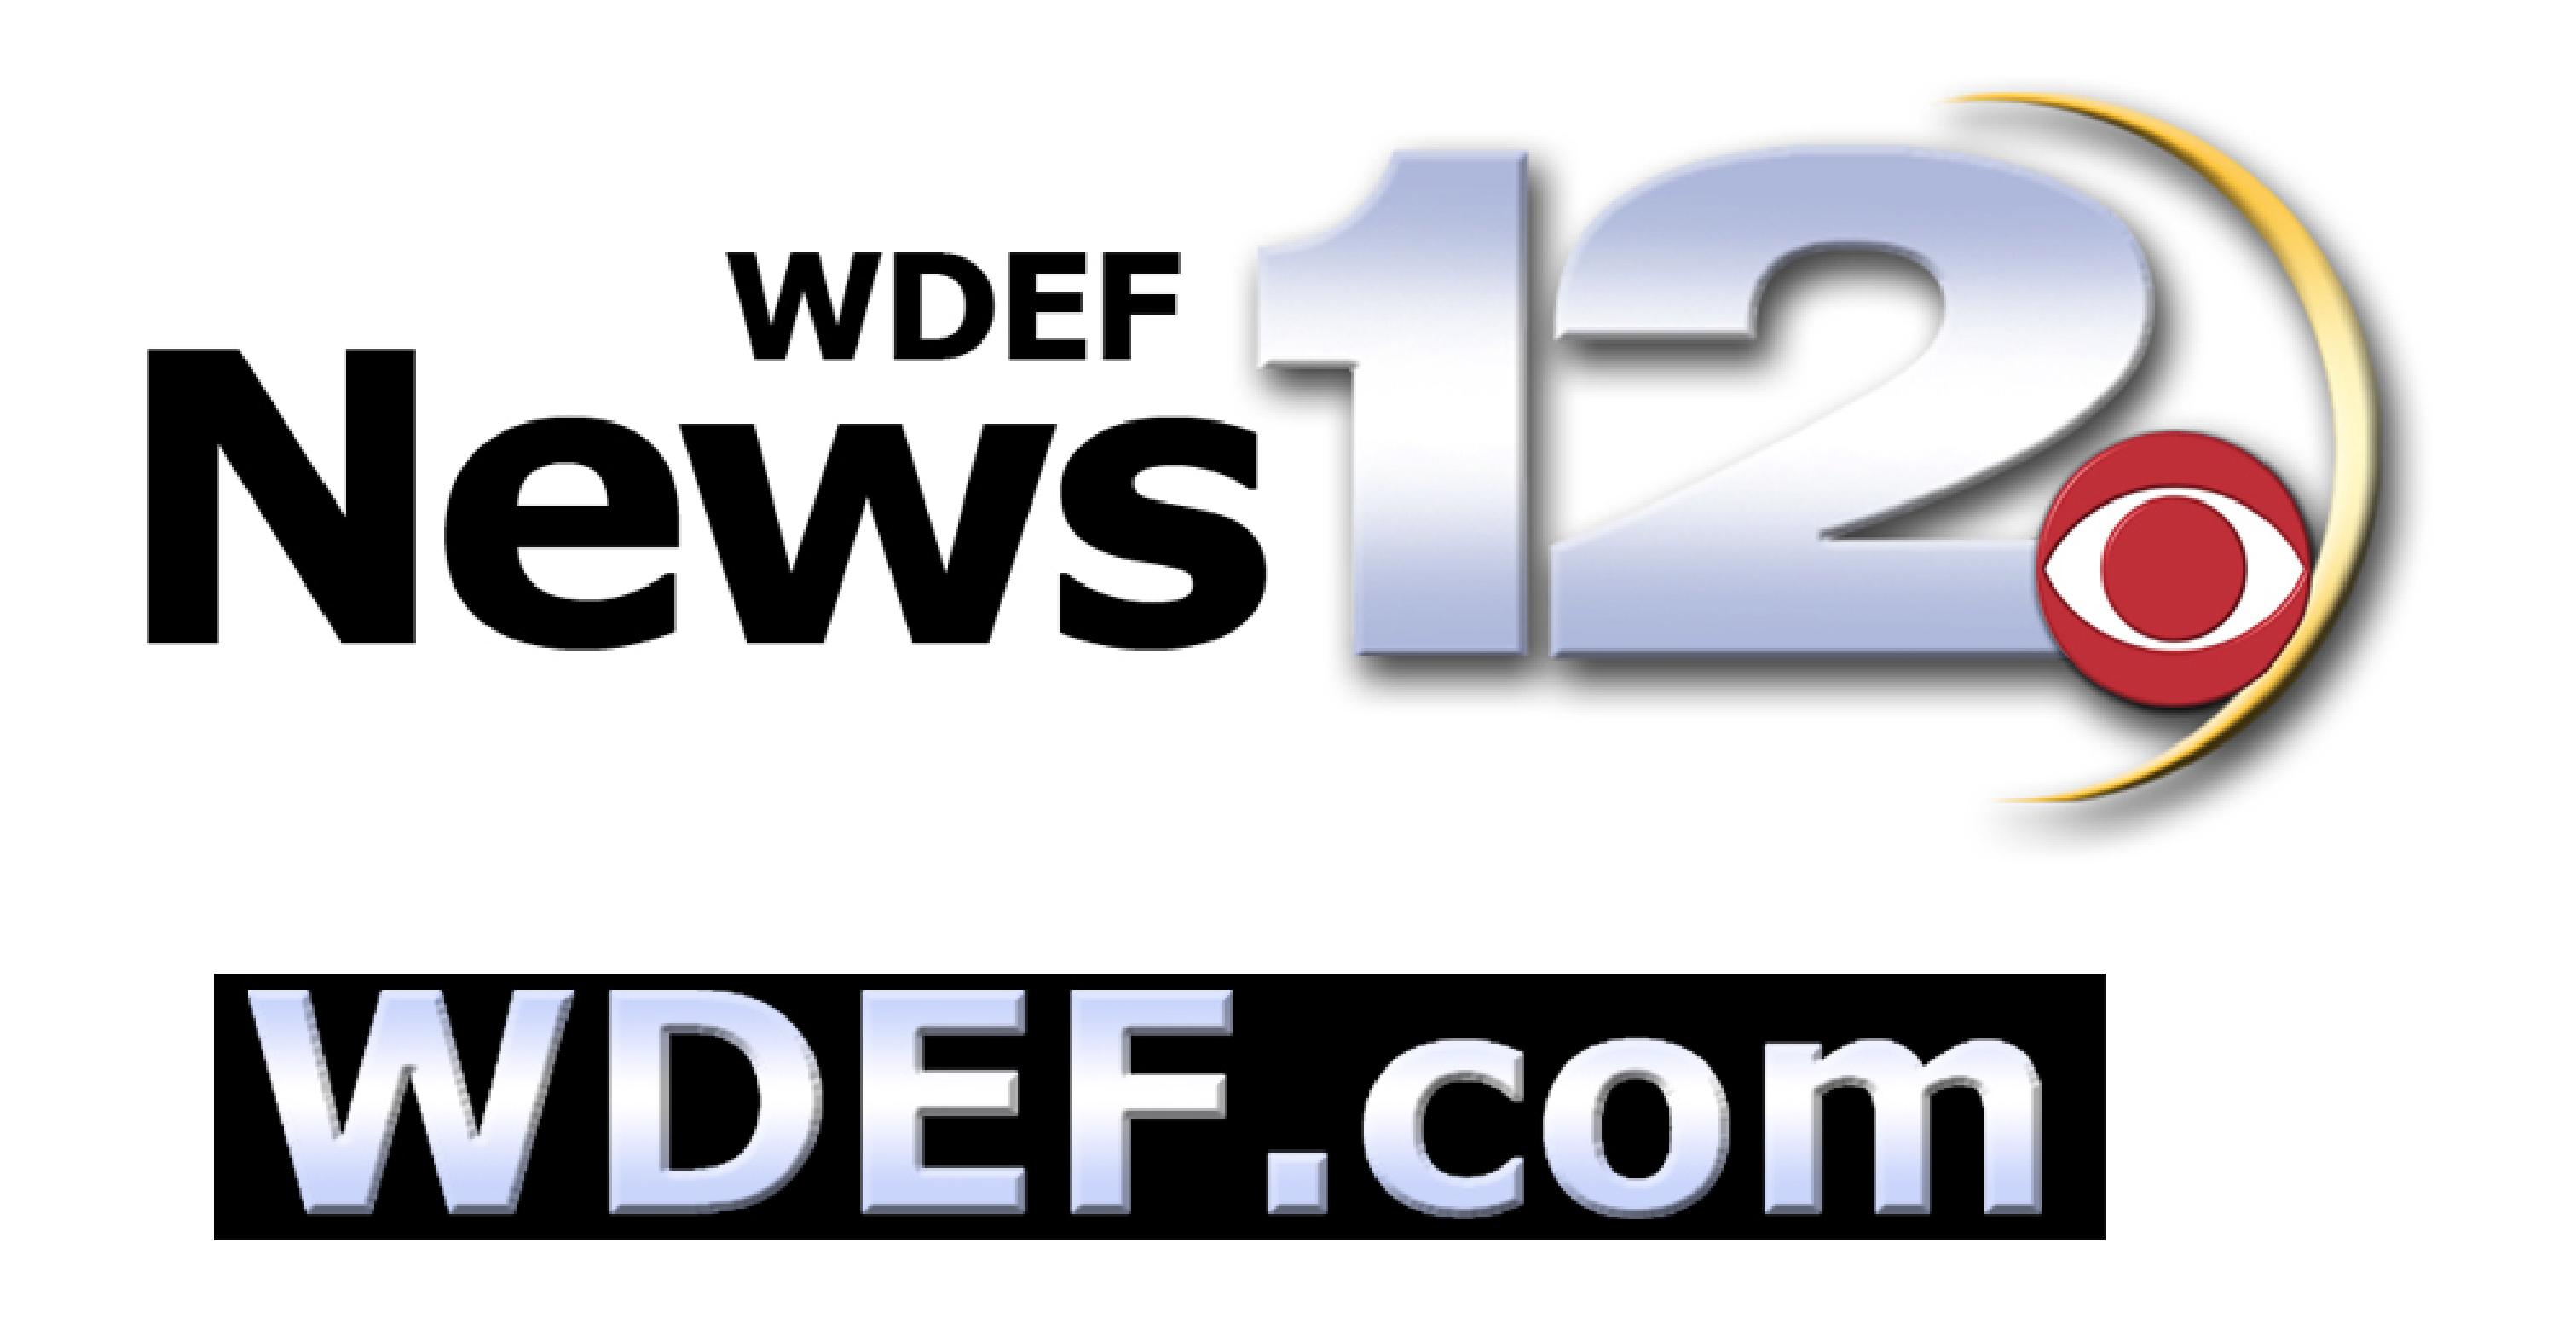 WDEF News12